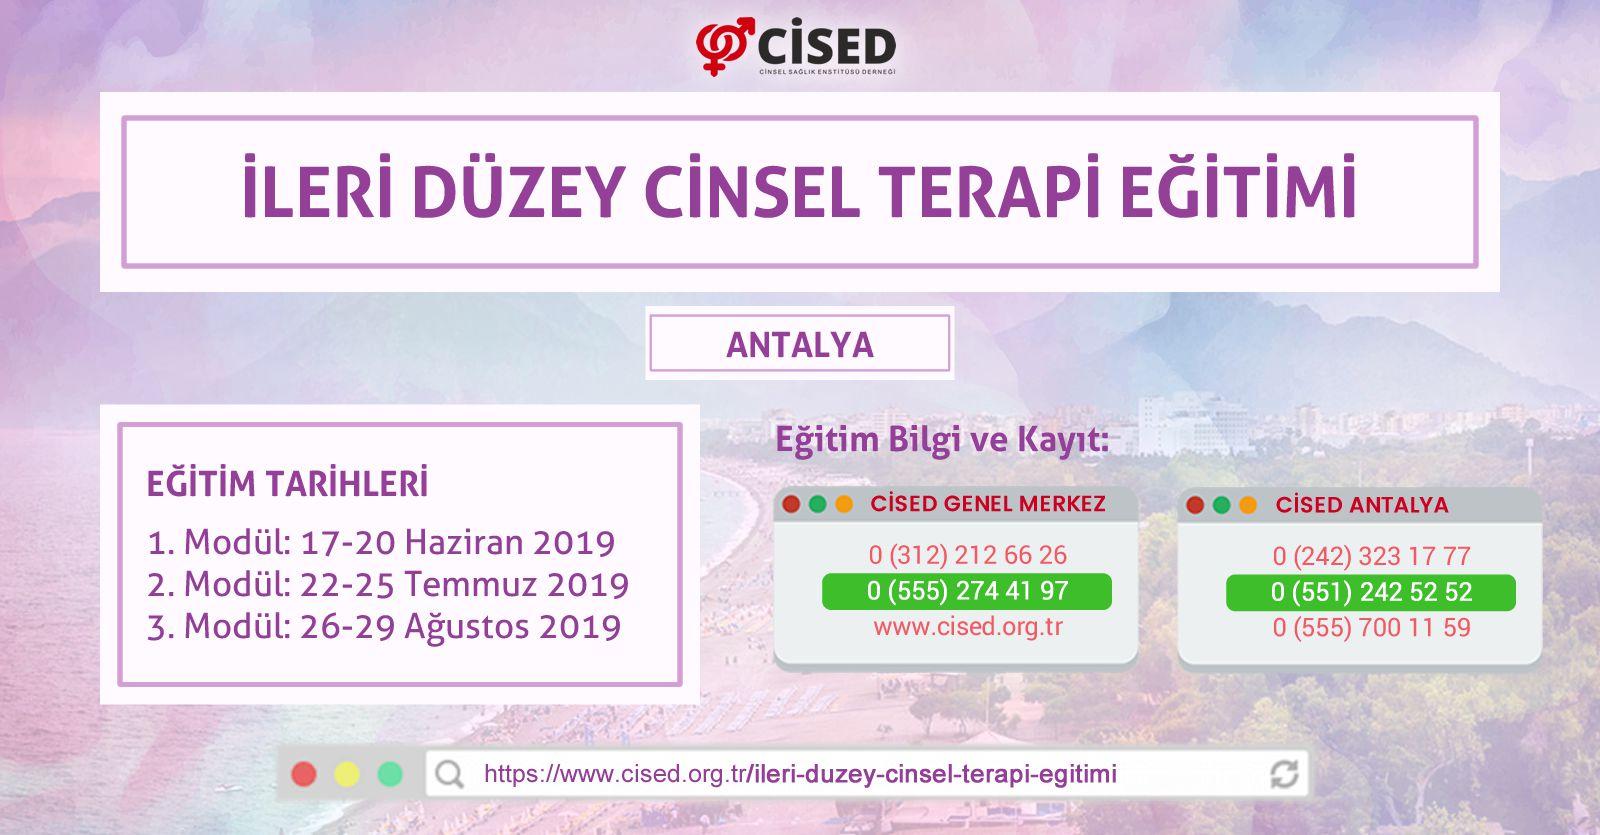 İleri Düzey Cinsel Terapi Eğitimi - ANTALYA